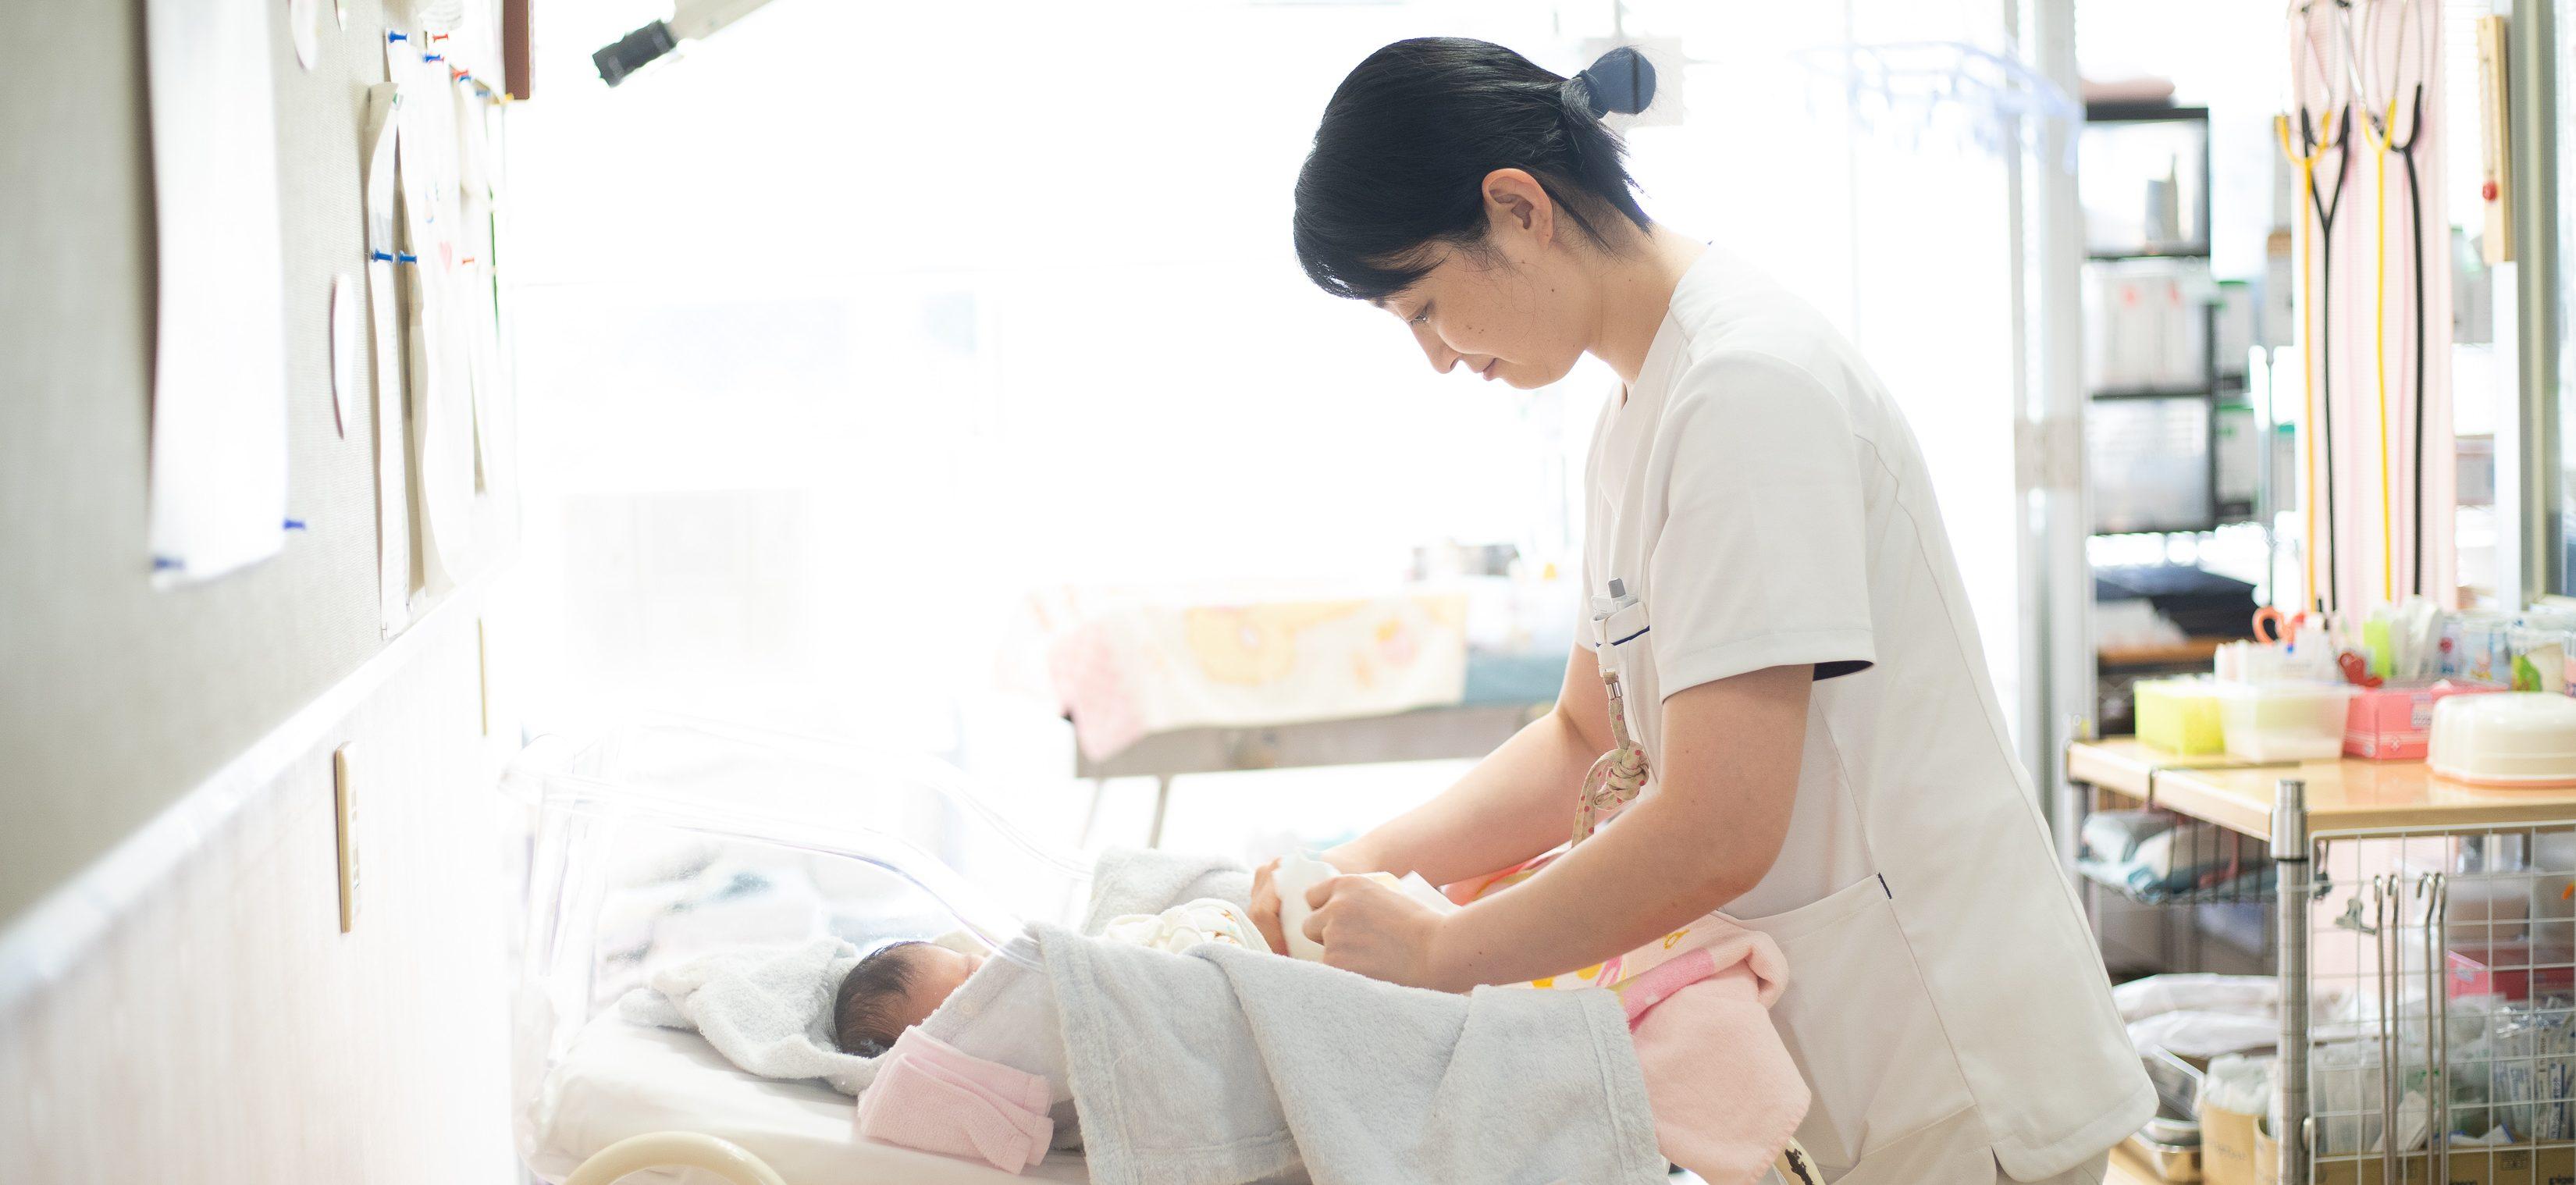 産科婦人科吉田医院|盛岡市でお産をご検討の方